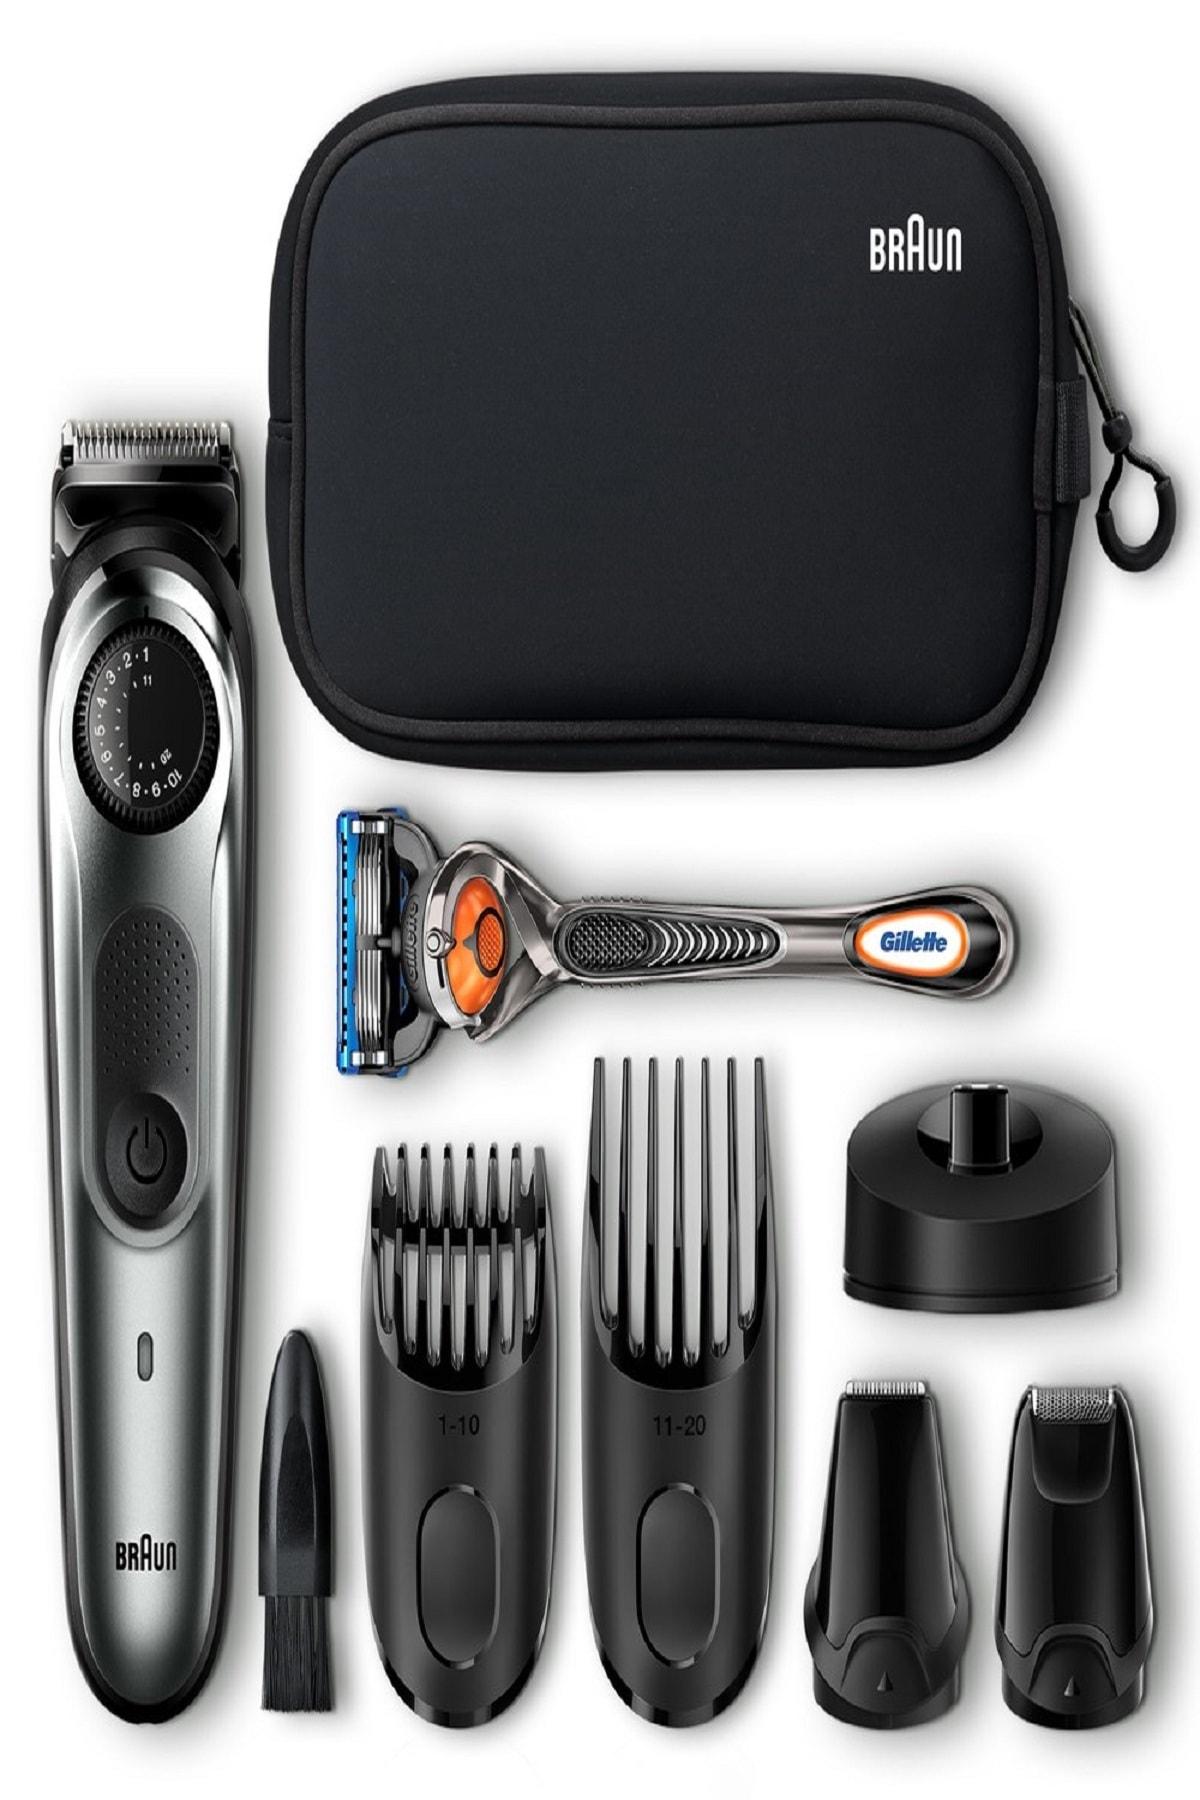 Bt 7940 Saç/sakal Kesme-ıslak/kuru-çanta+gillette Hediye